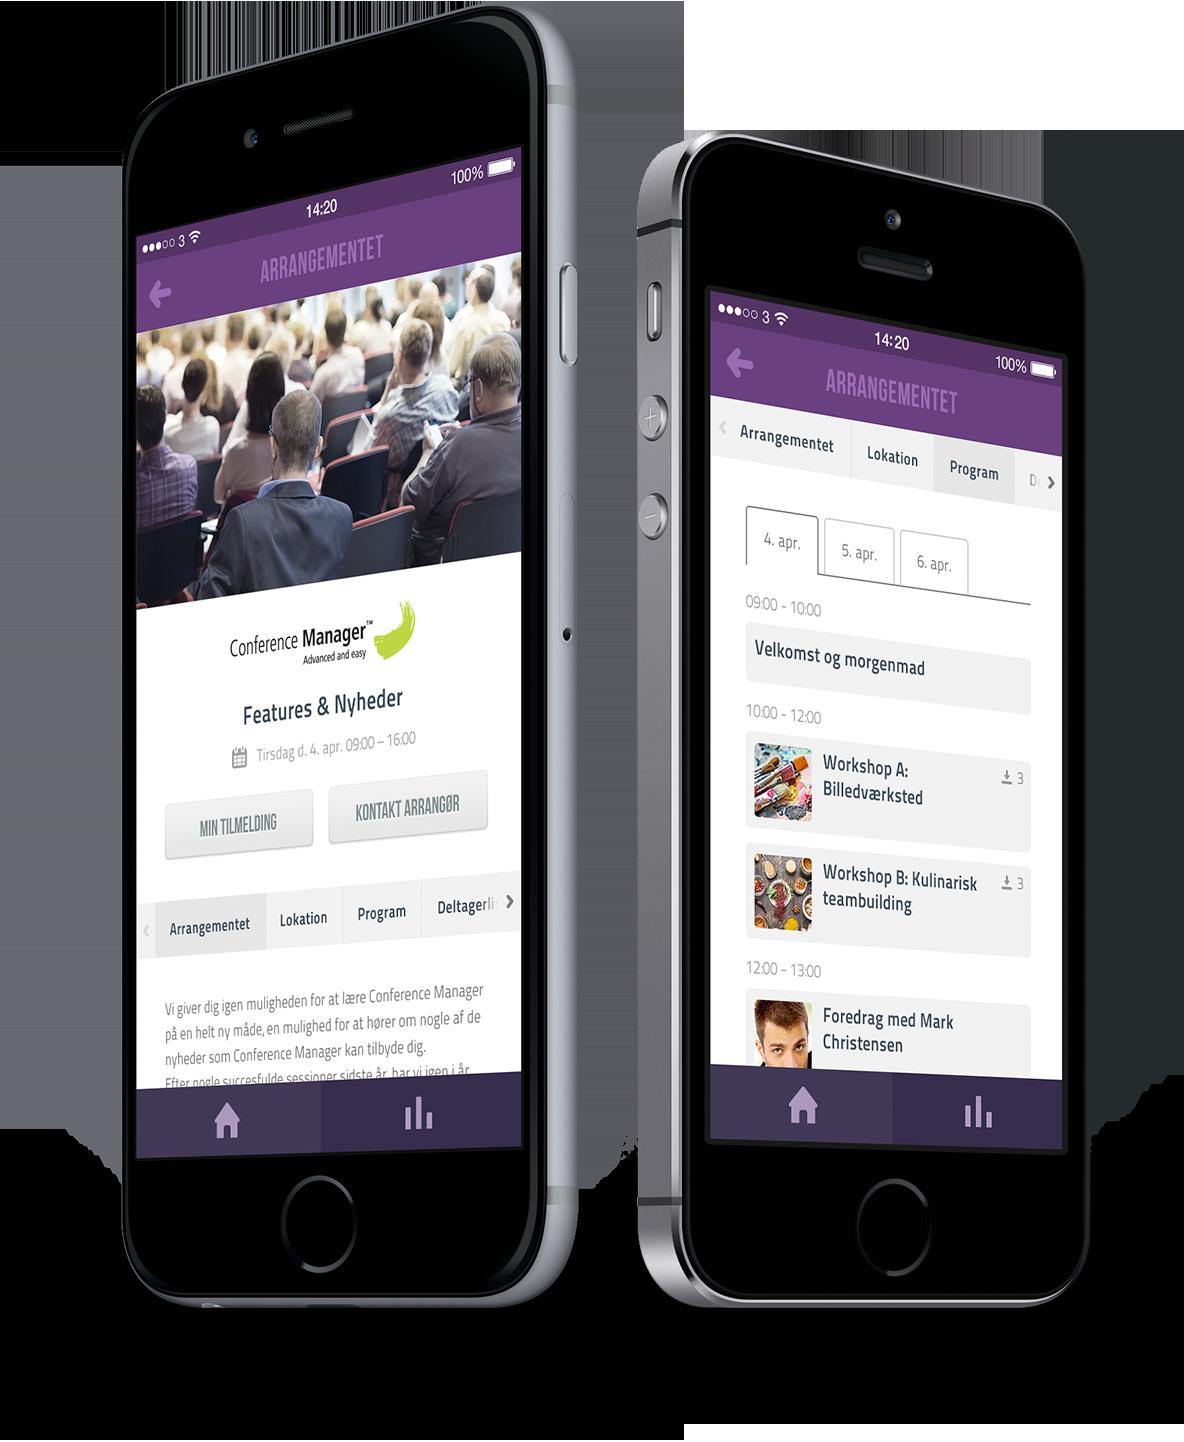 Arrangement på CM Events appen